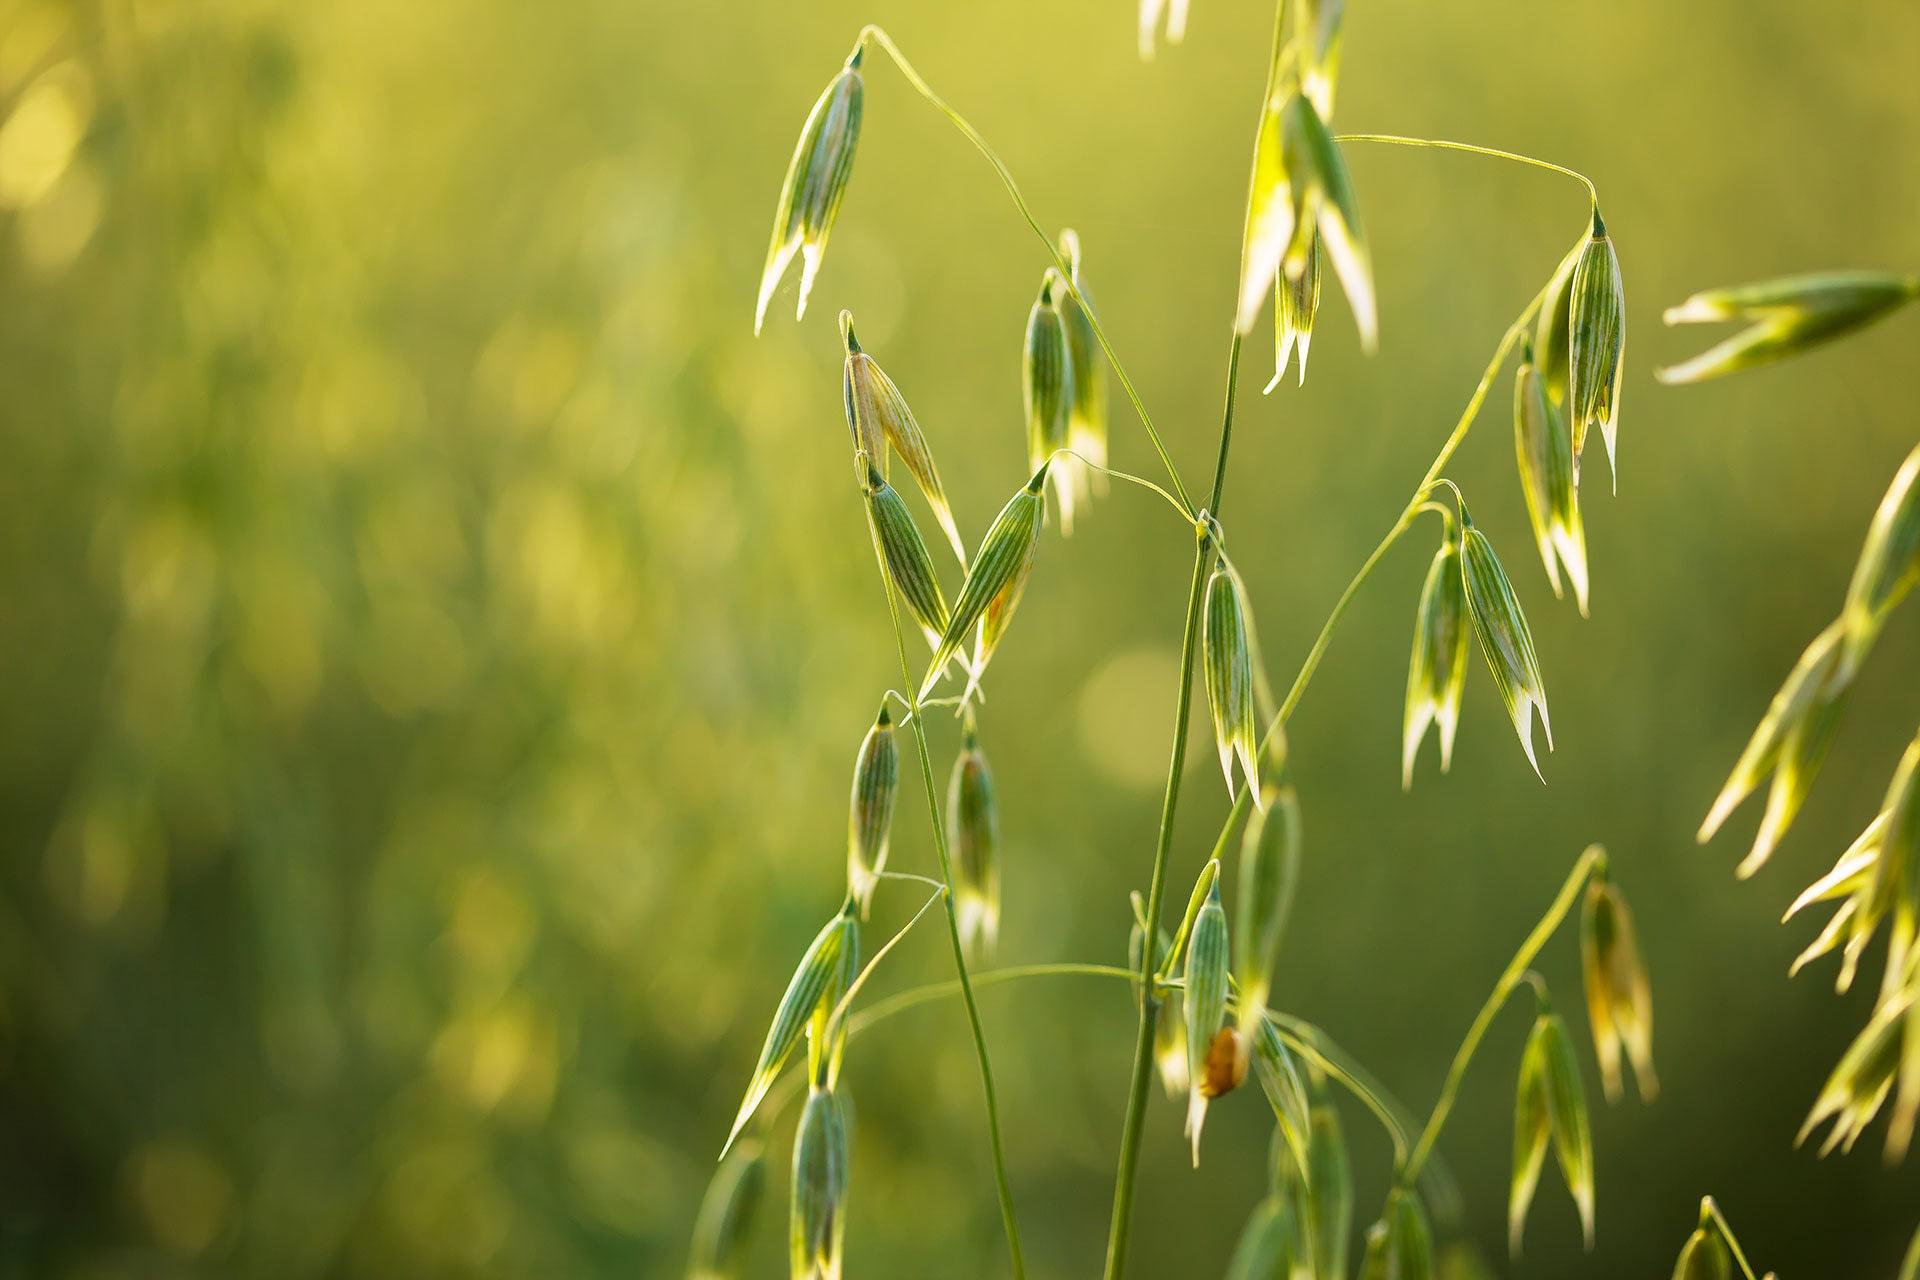 A scene of sunlit green oats